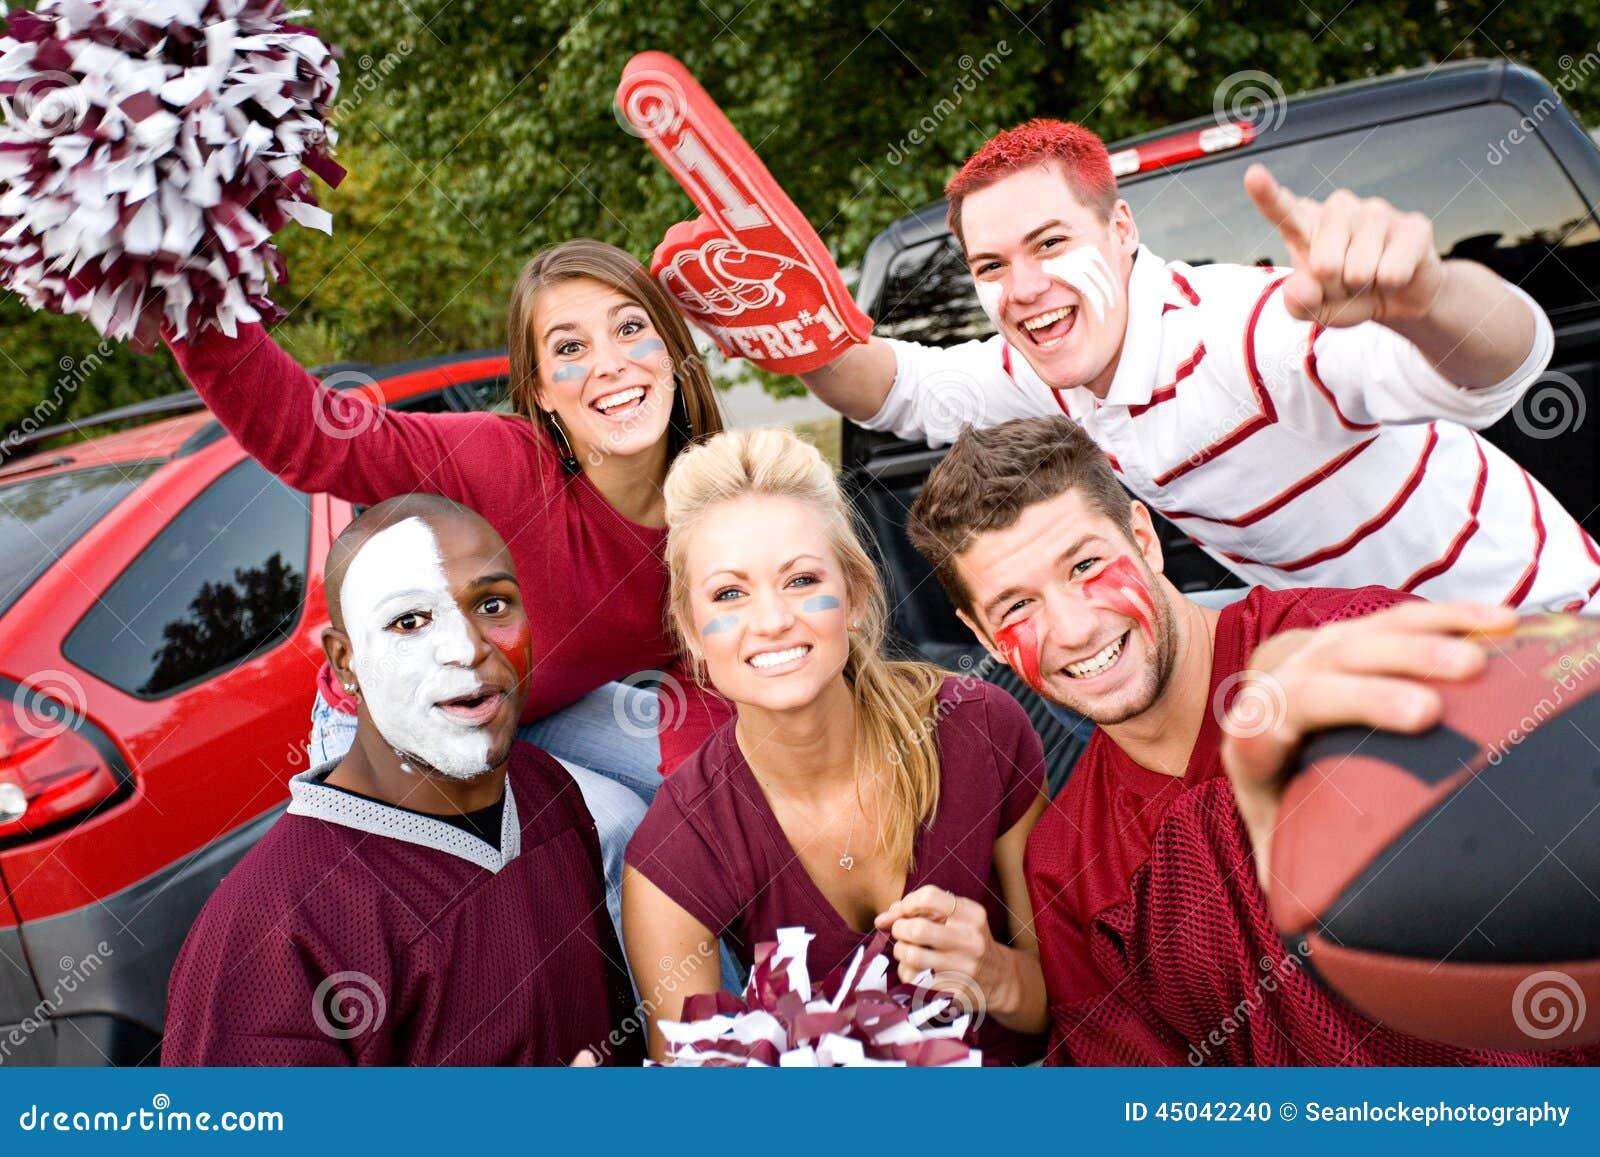 Utilização não autorizada: Grupo de estudantes universitário entusiasmado para o jogo de futebol